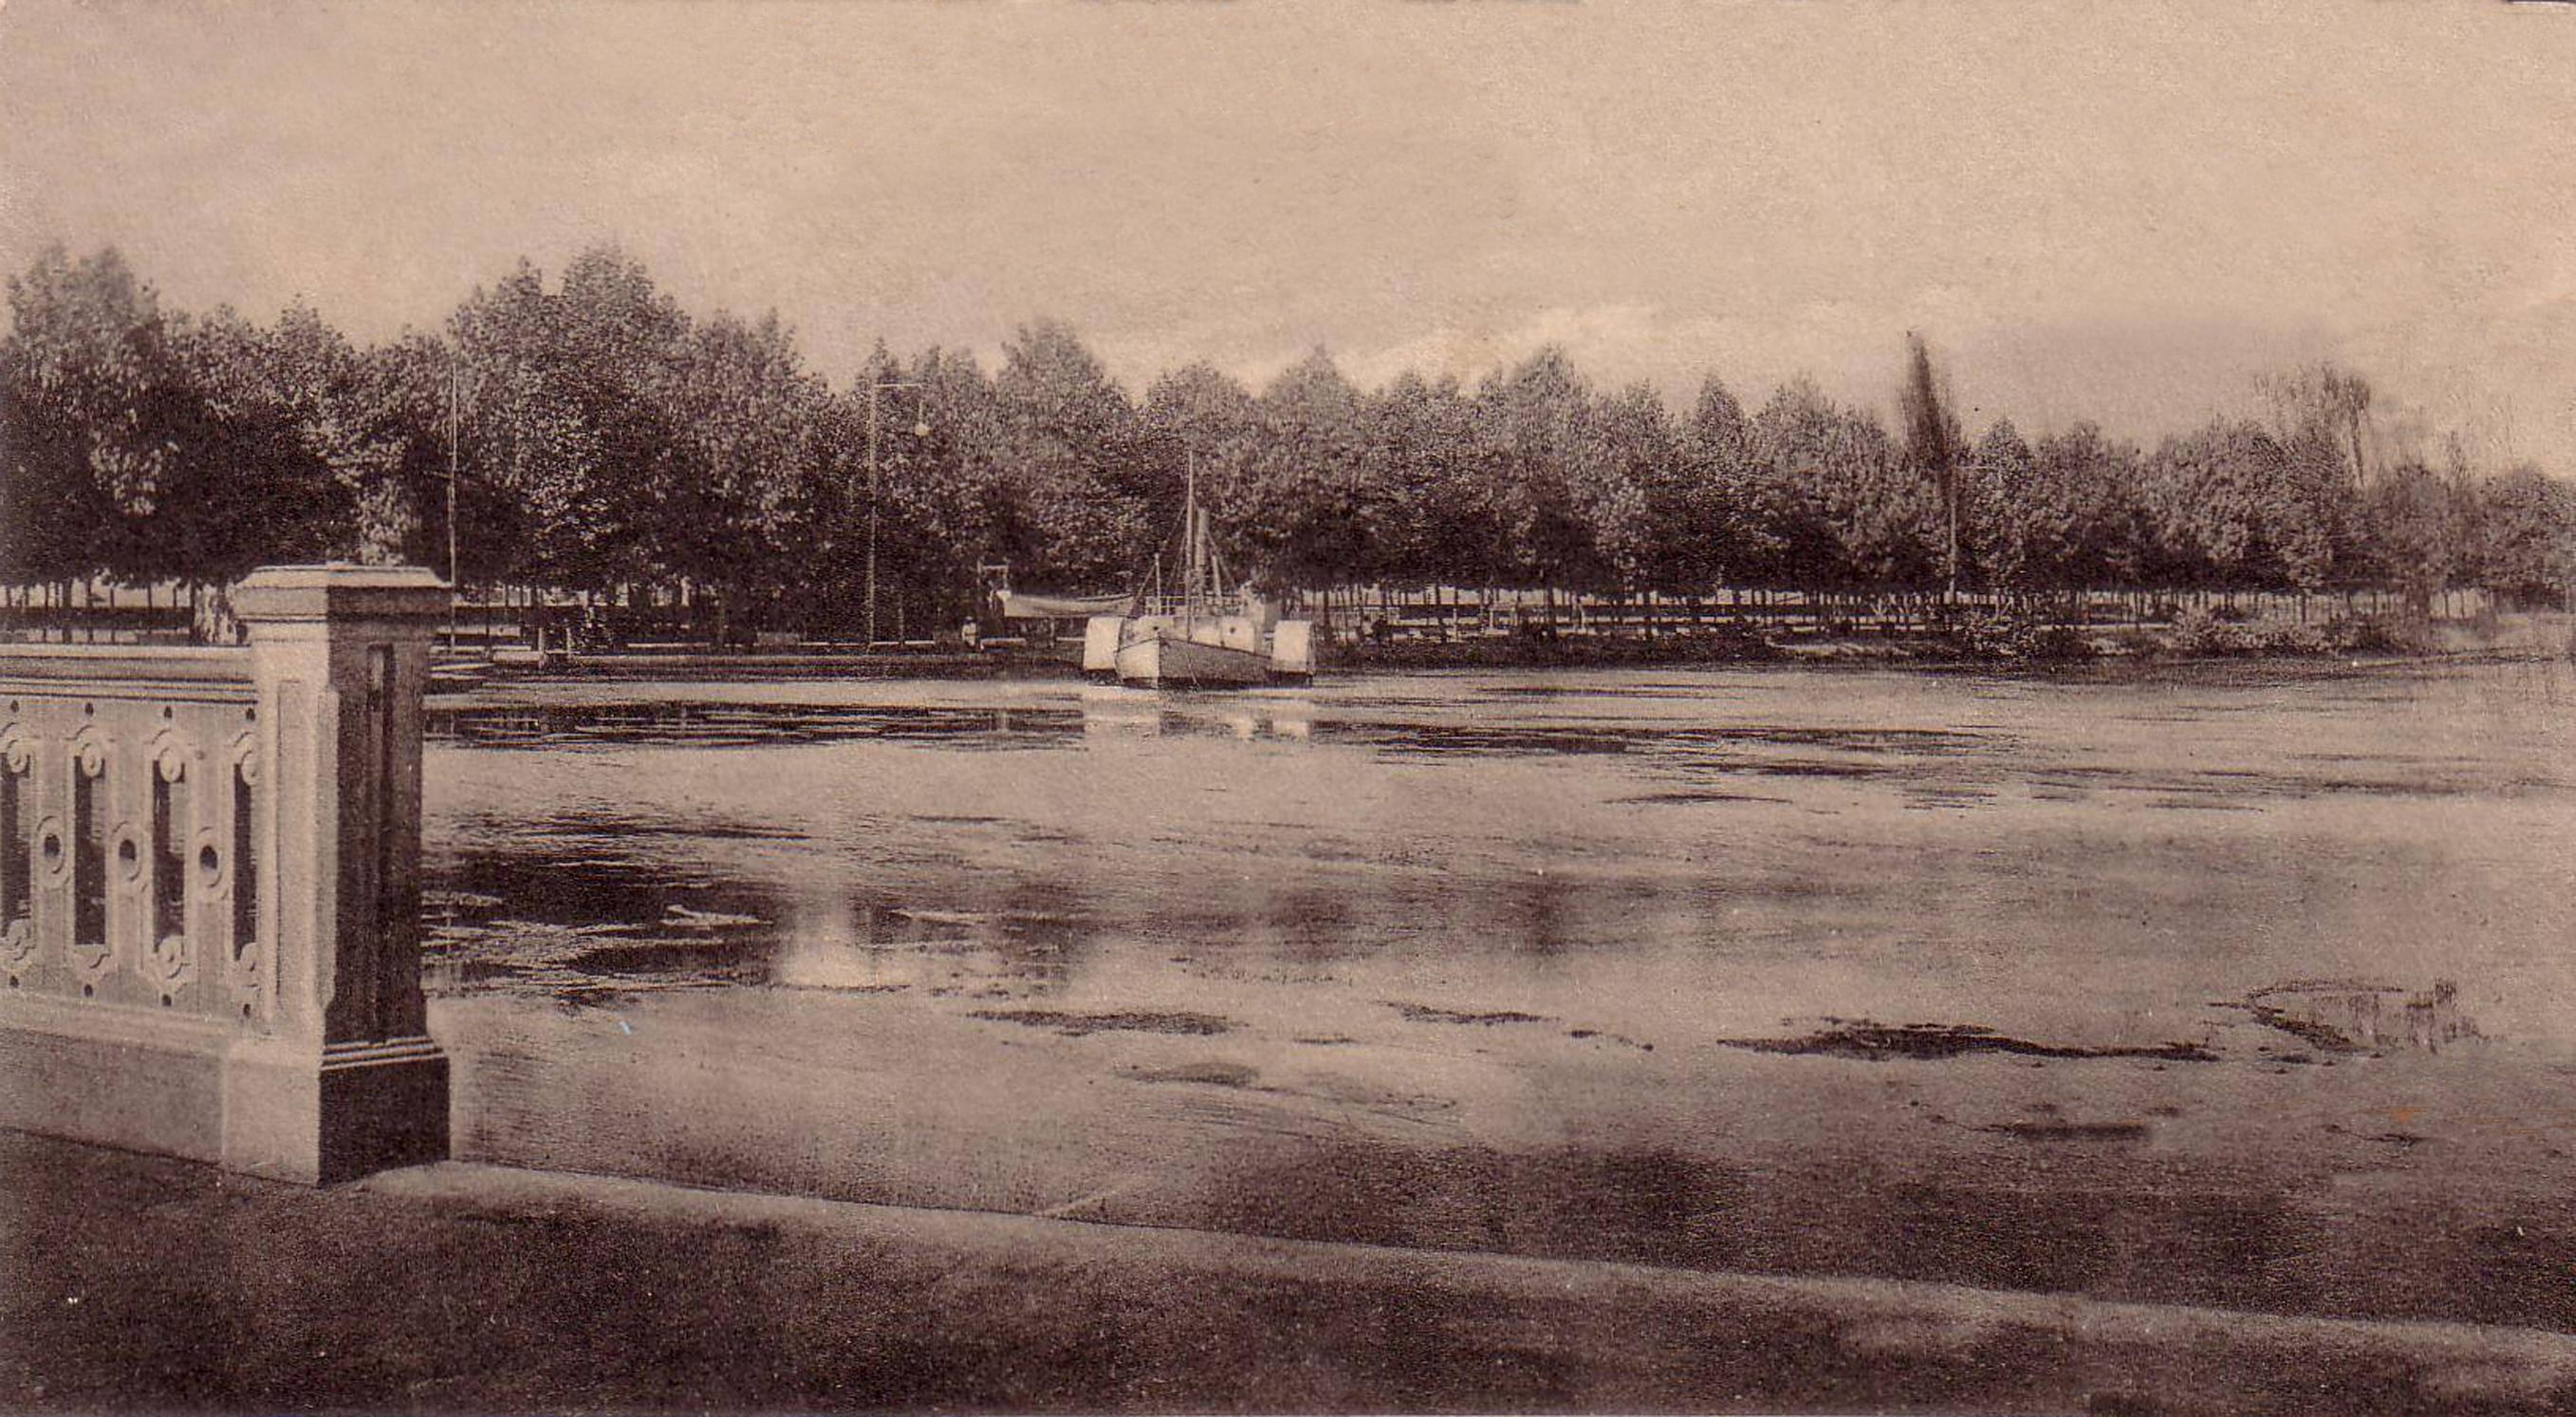 Enterreno - Fotos históricas de chile - fotos antiguas de Chile - Laguna del Parque Forestal en 1900